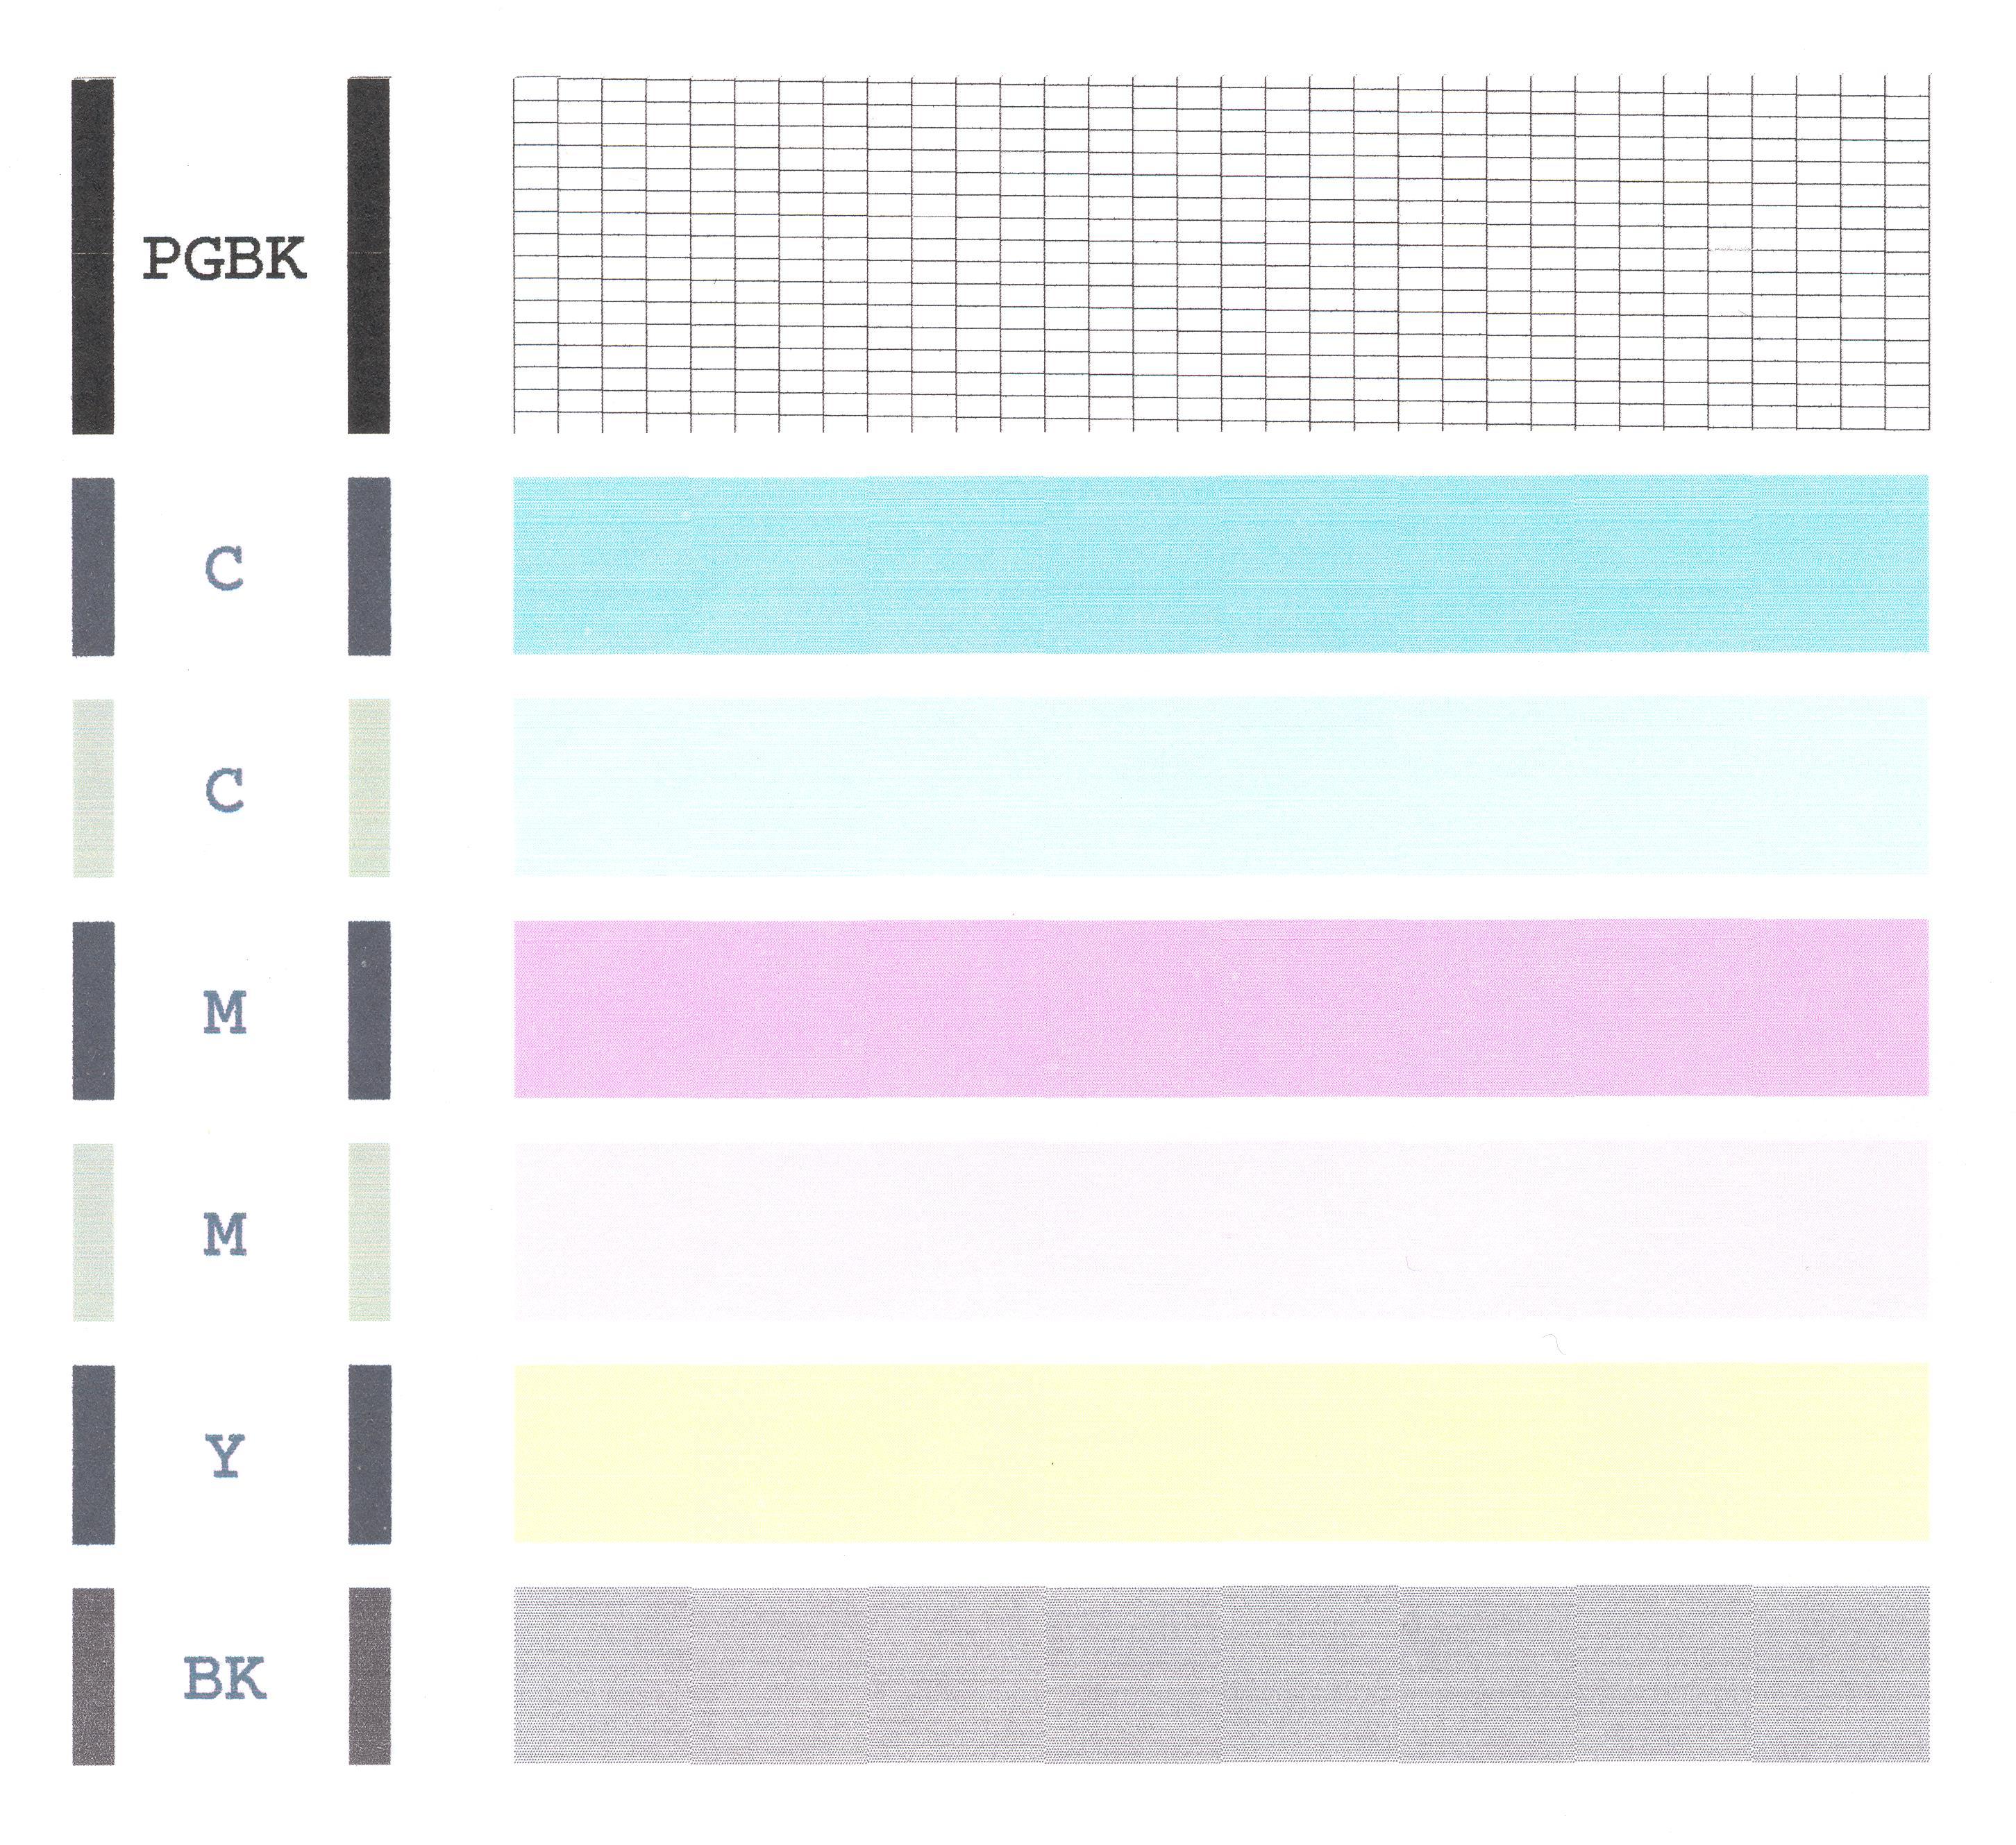 Контрольный образец Принтер canon pixma ip Геннадий   Оригинальная фотография 2904 x 2658 976 Кб